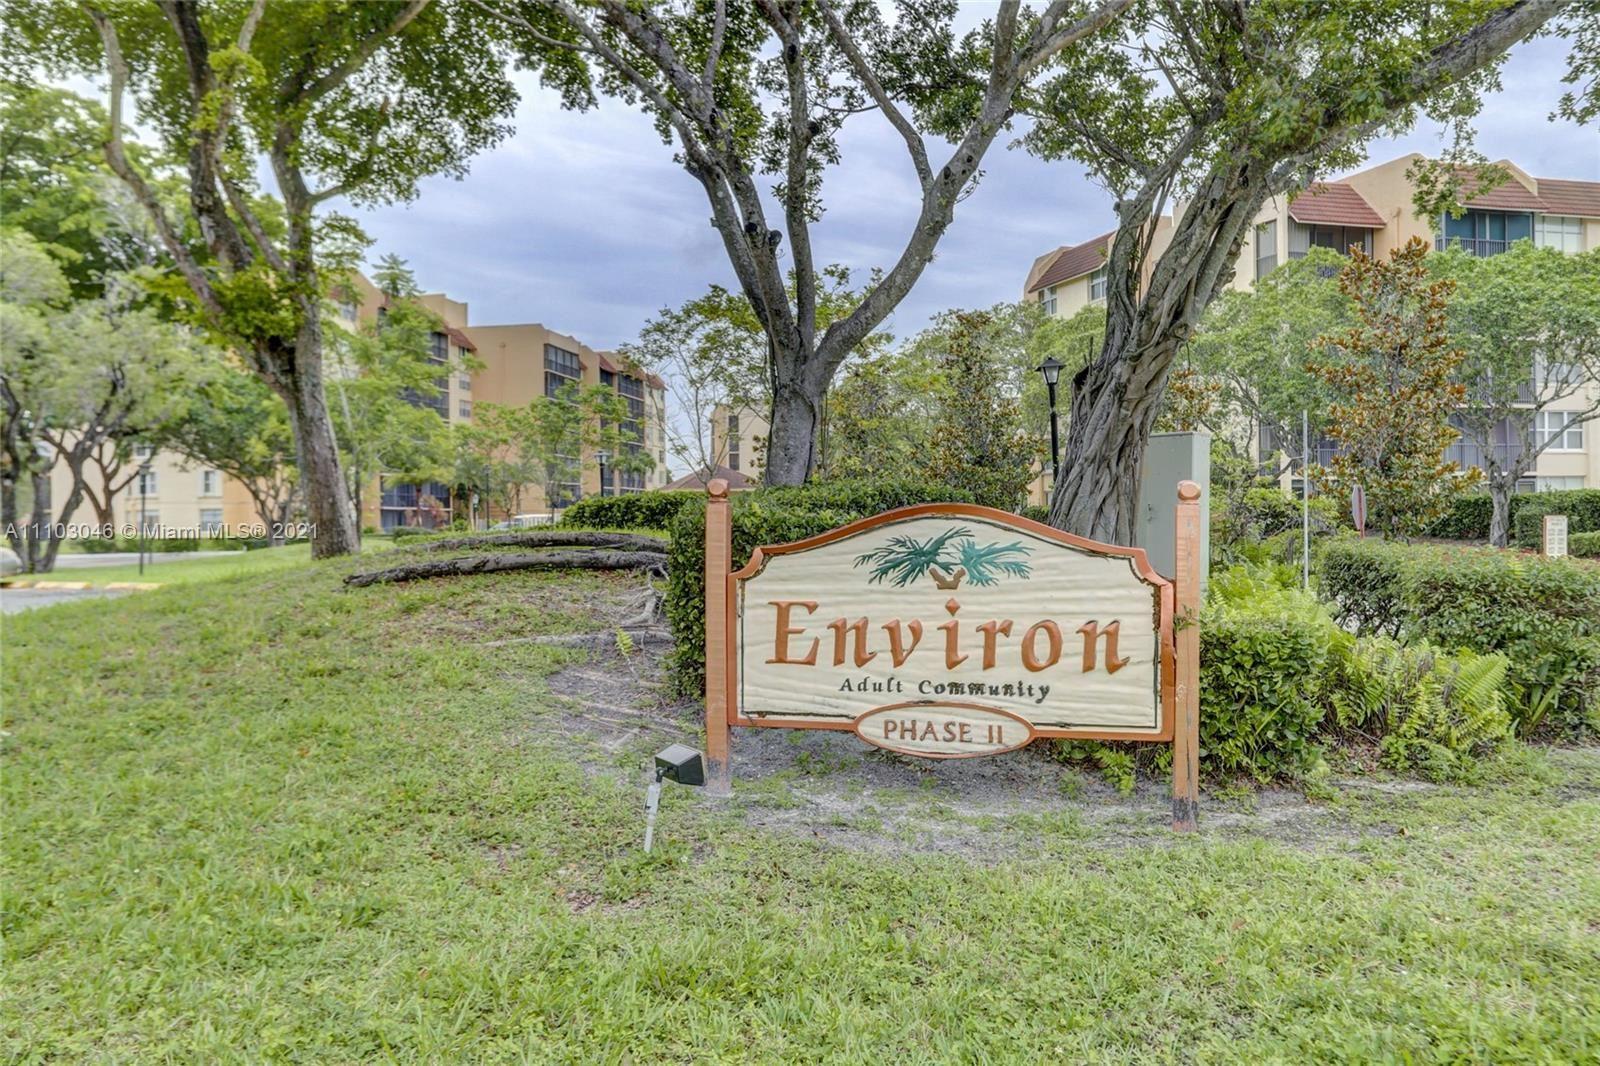 3841 Environ Blvd #130, Lauderhill, FL 33319 - #: A11103046